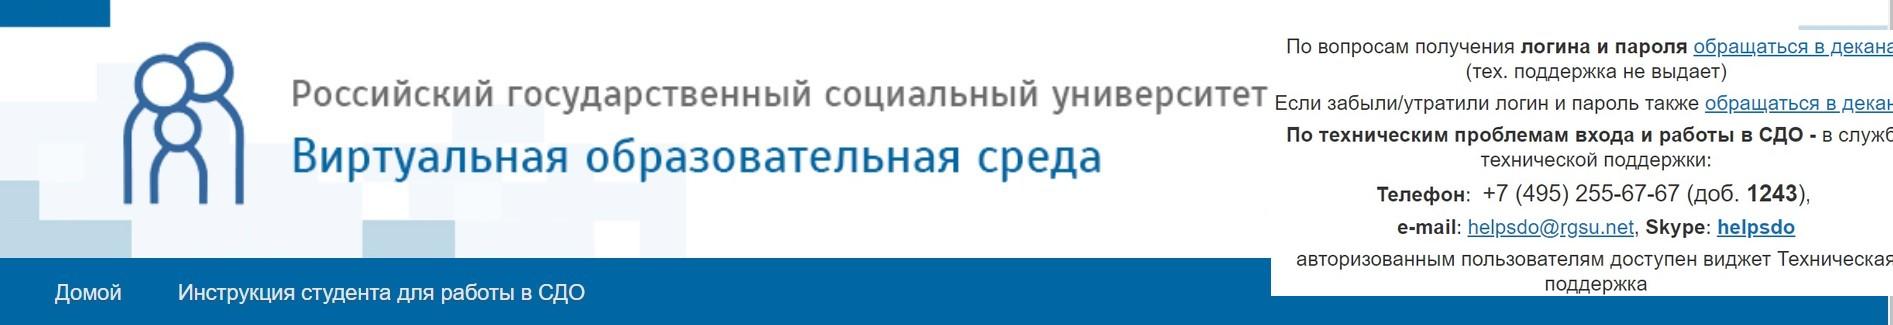 Ссылка на официальный сайт «РГСУ»